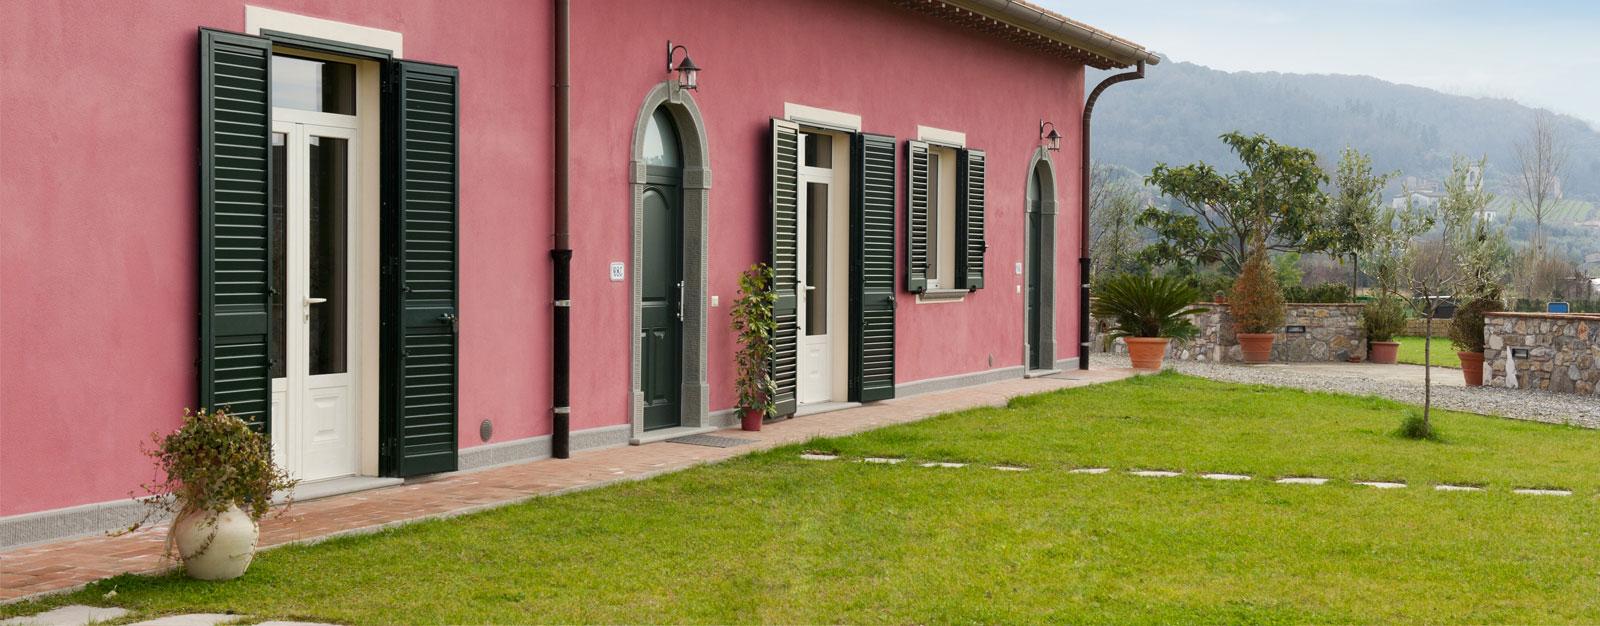 Mammeonline leggi argomento colore esterno casa - Colori case esterni ...